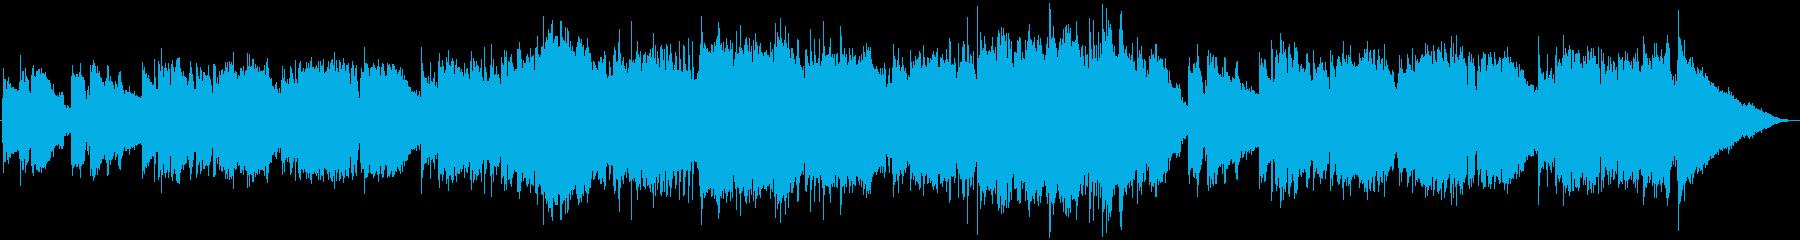 エンディング・優しいフューチャーポップの再生済みの波形